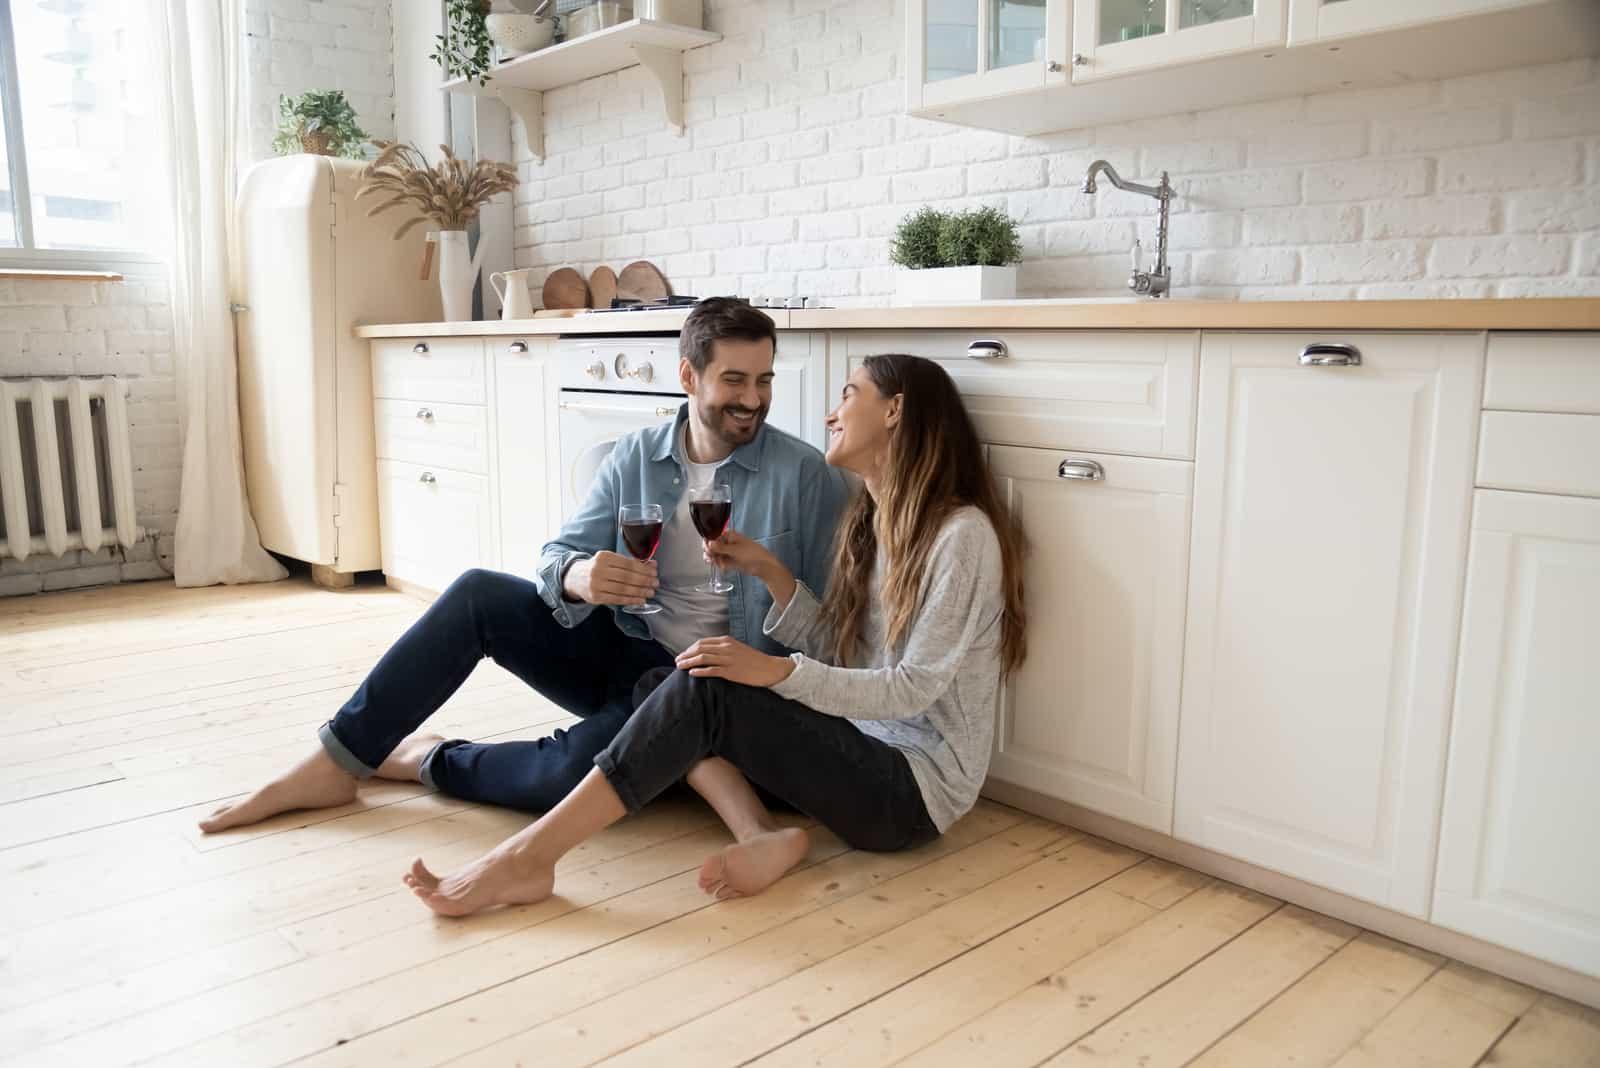 Couple souriant romantique jeune homme et fille assis sur le sol de la cuisine chaude parler tenant des lunettes